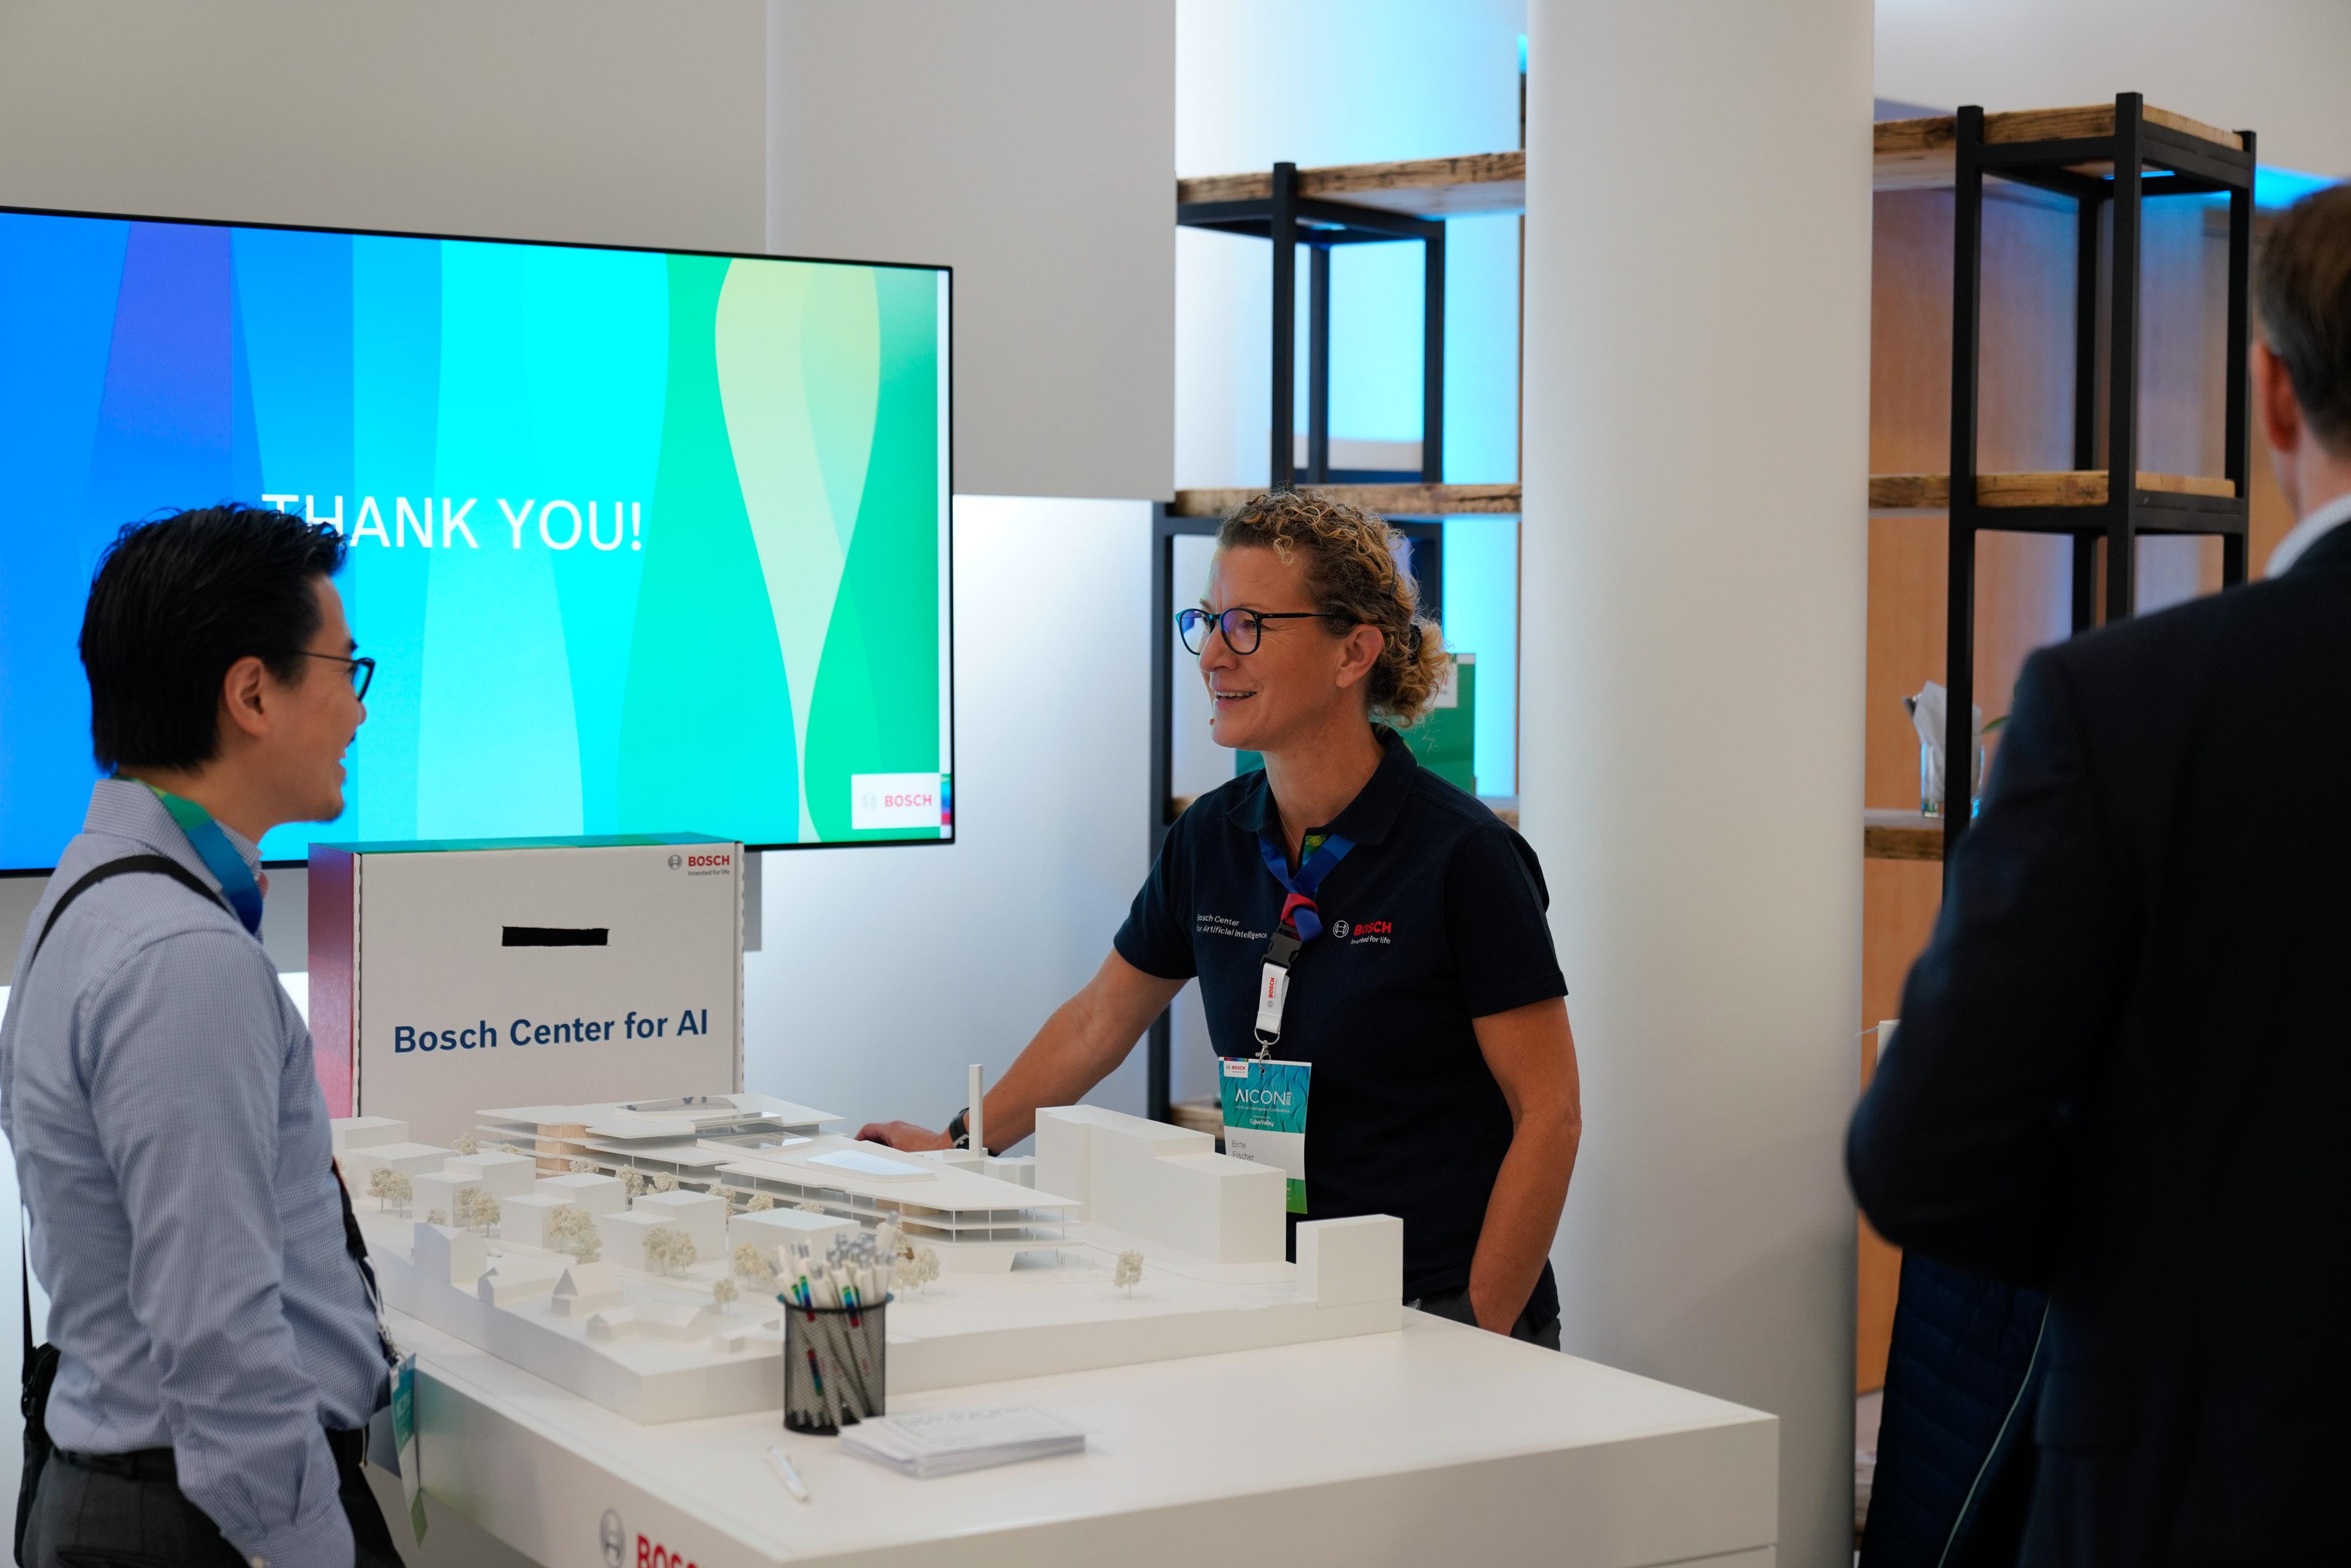 Bosch: zróżnicowane portfolio zapewnia wysokie obroty – niesprzyjająca koniunktura negatywnie wpływa na wynik